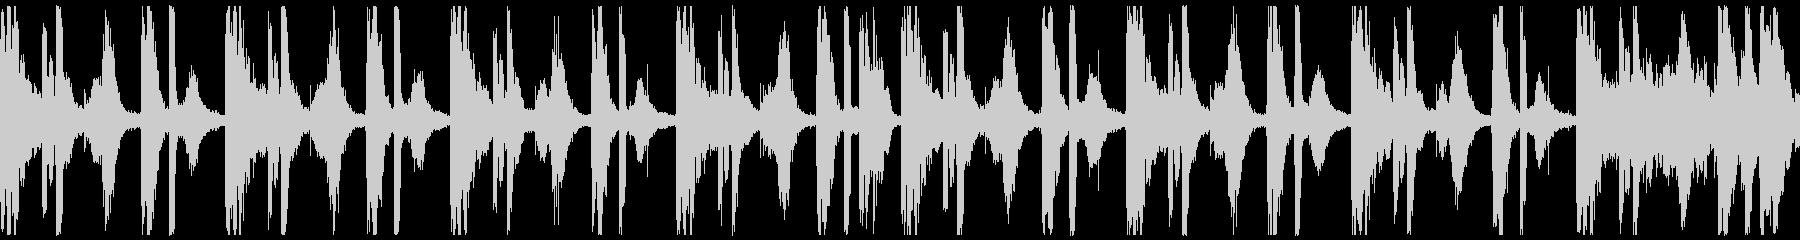 ヒップホップのビートの未再生の波形